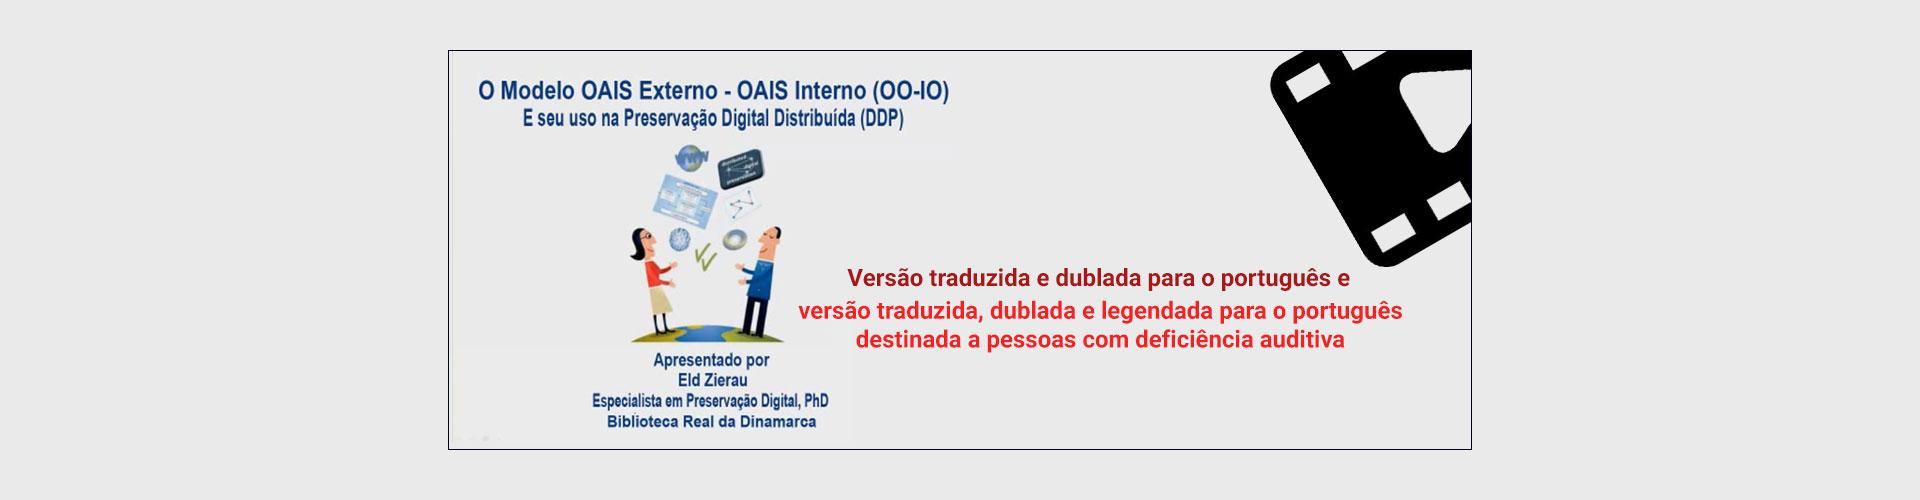 slide-videos-traduzidos-v2